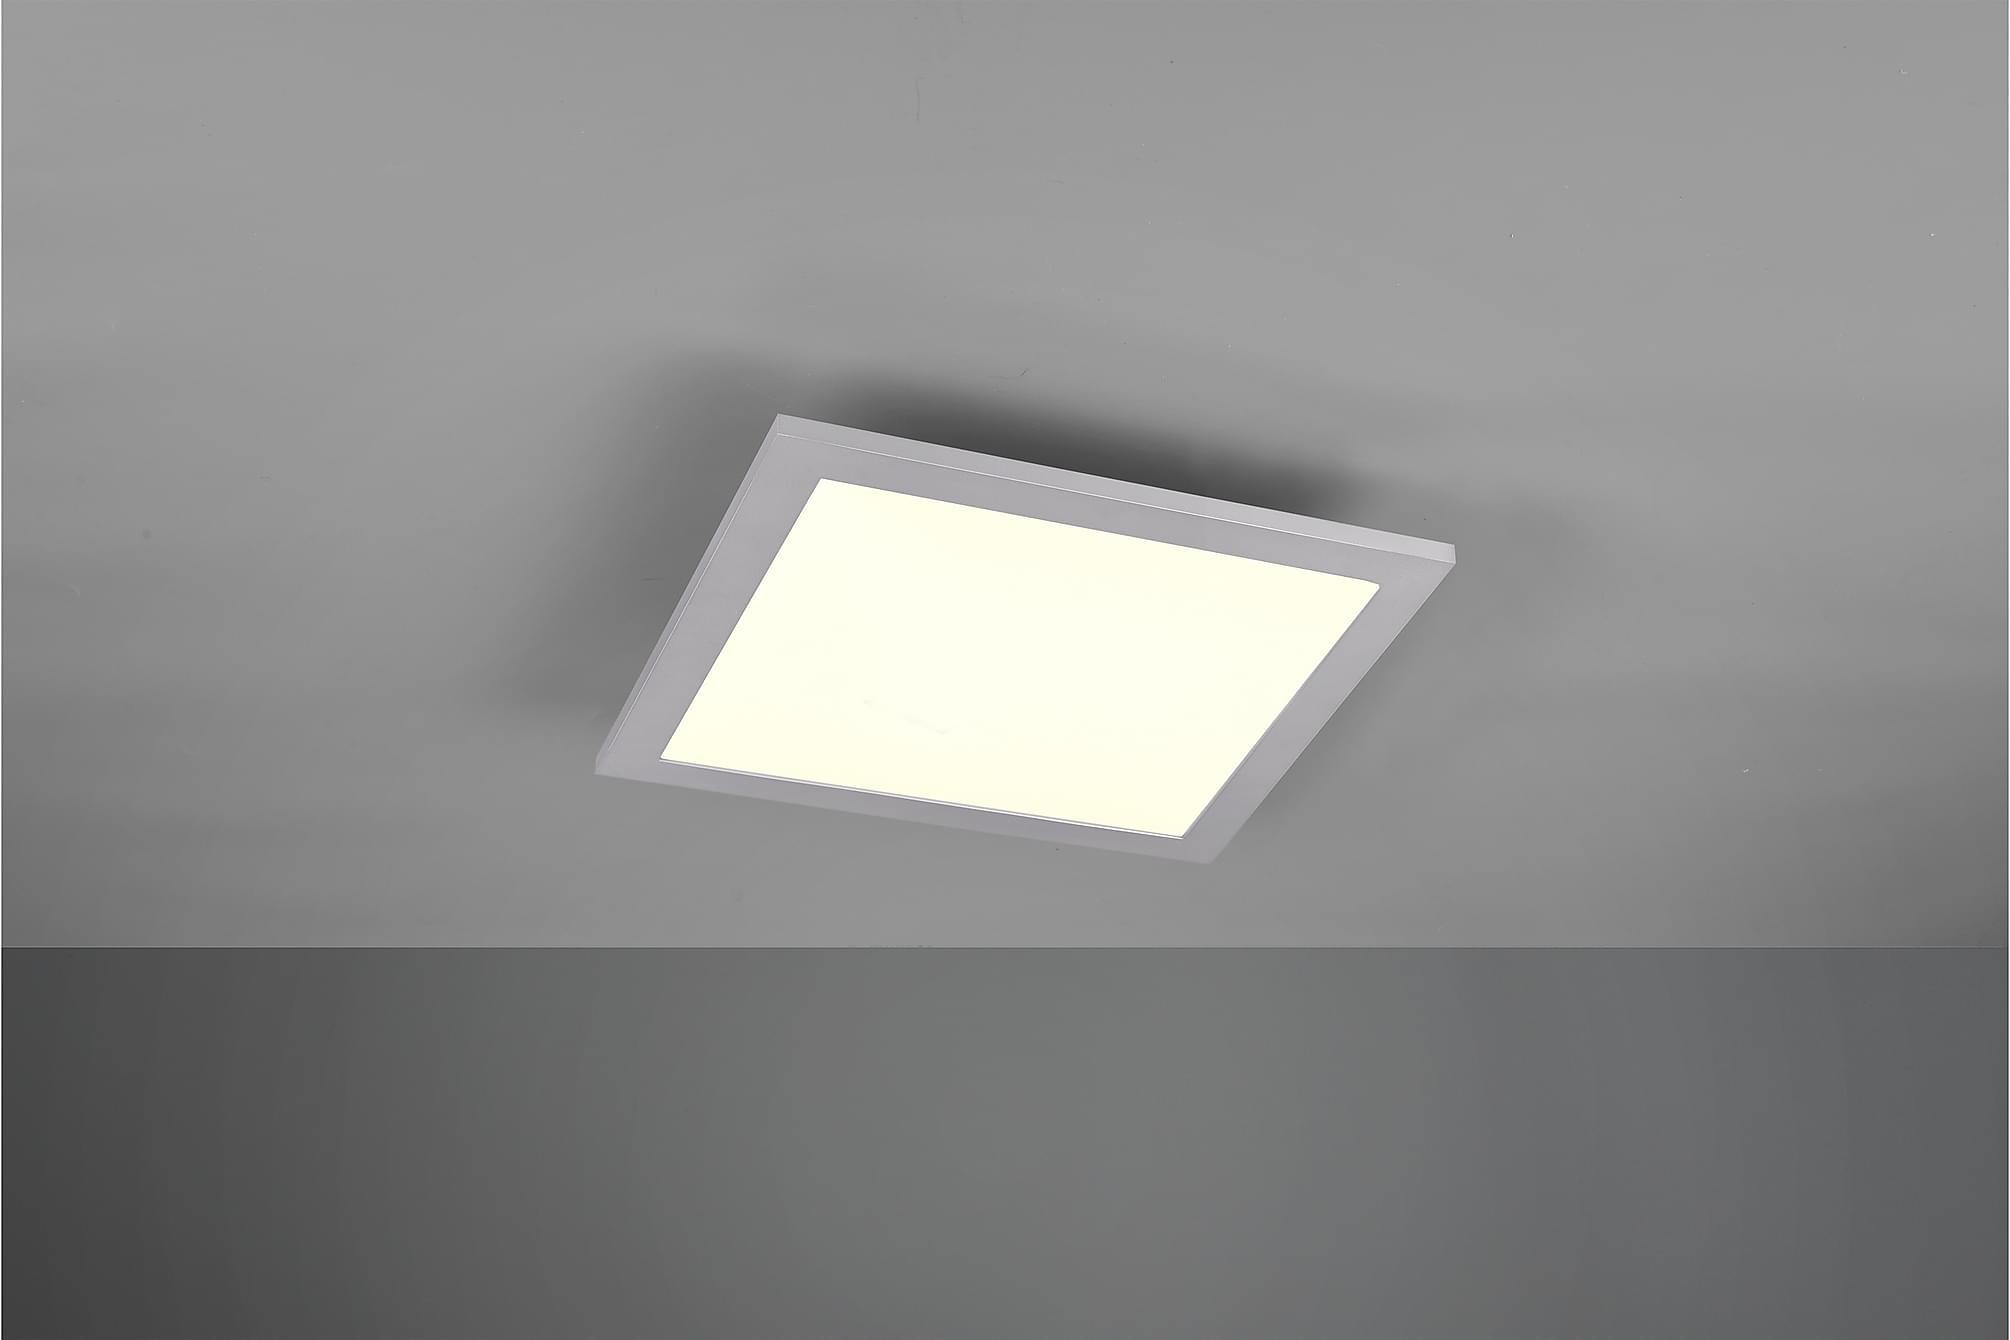 ALIMA Taklampa Grå, Lampor